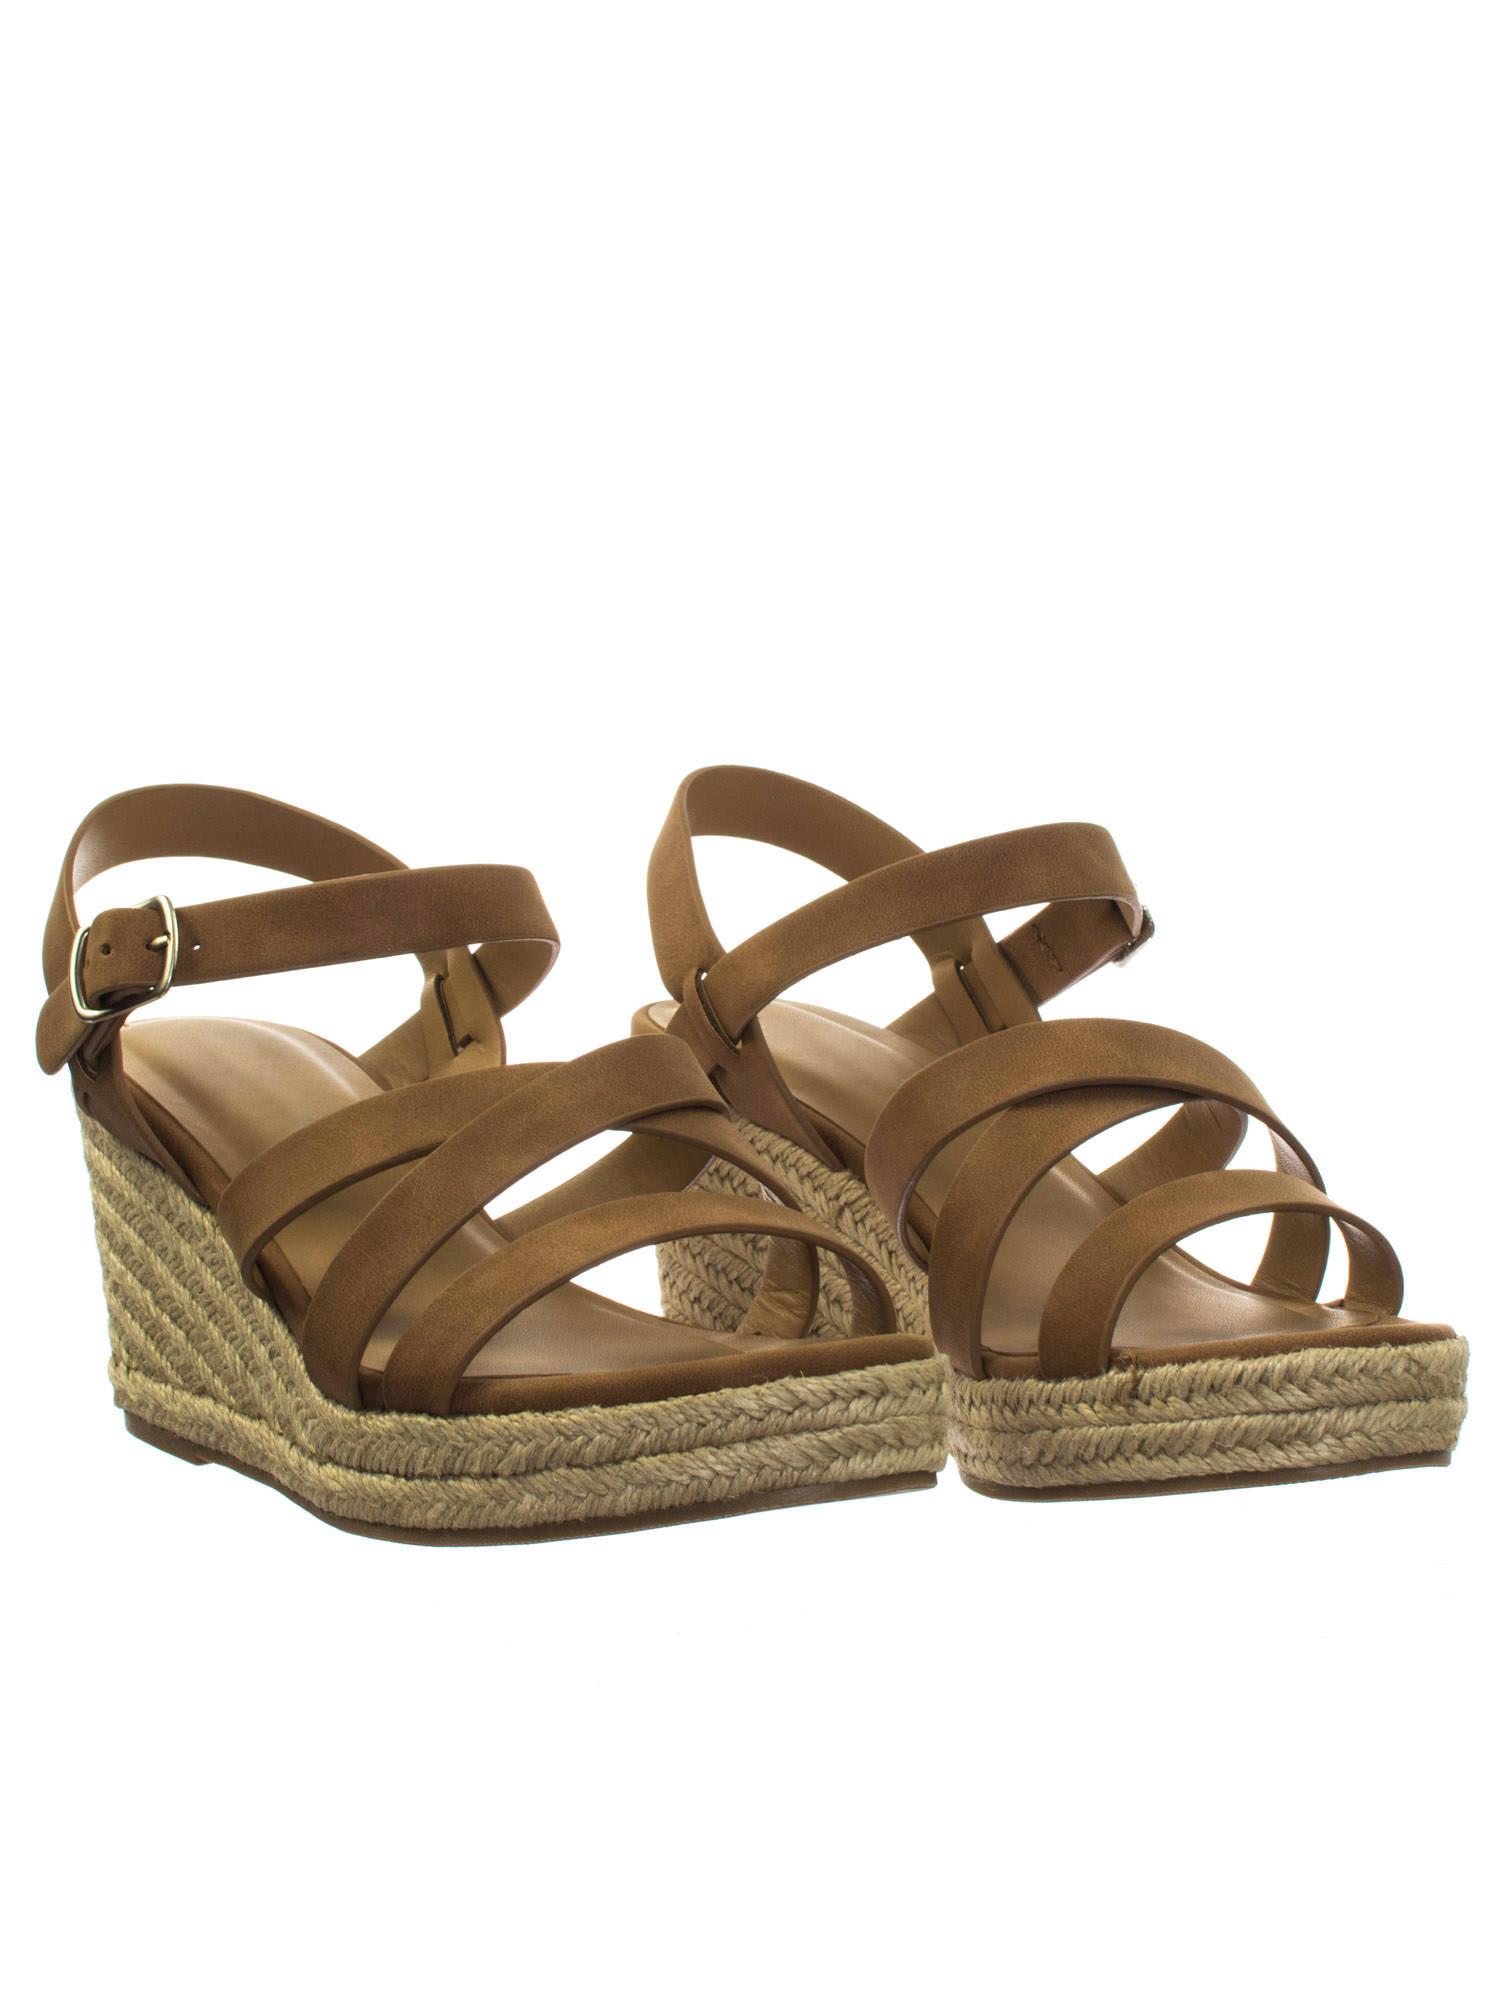 a8108f64214 Jubilee Tan Brown by City Classified Espadrille Rope Jute Wrap Platform  Wedge Open Toe Dress Sandal